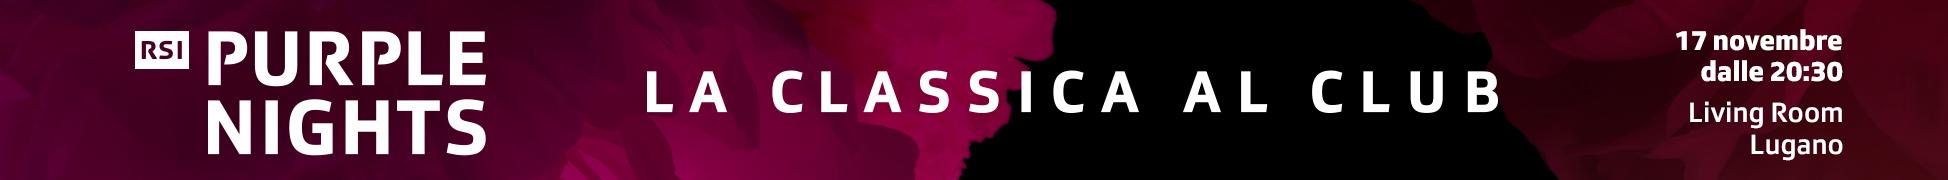 La Classica al club live!